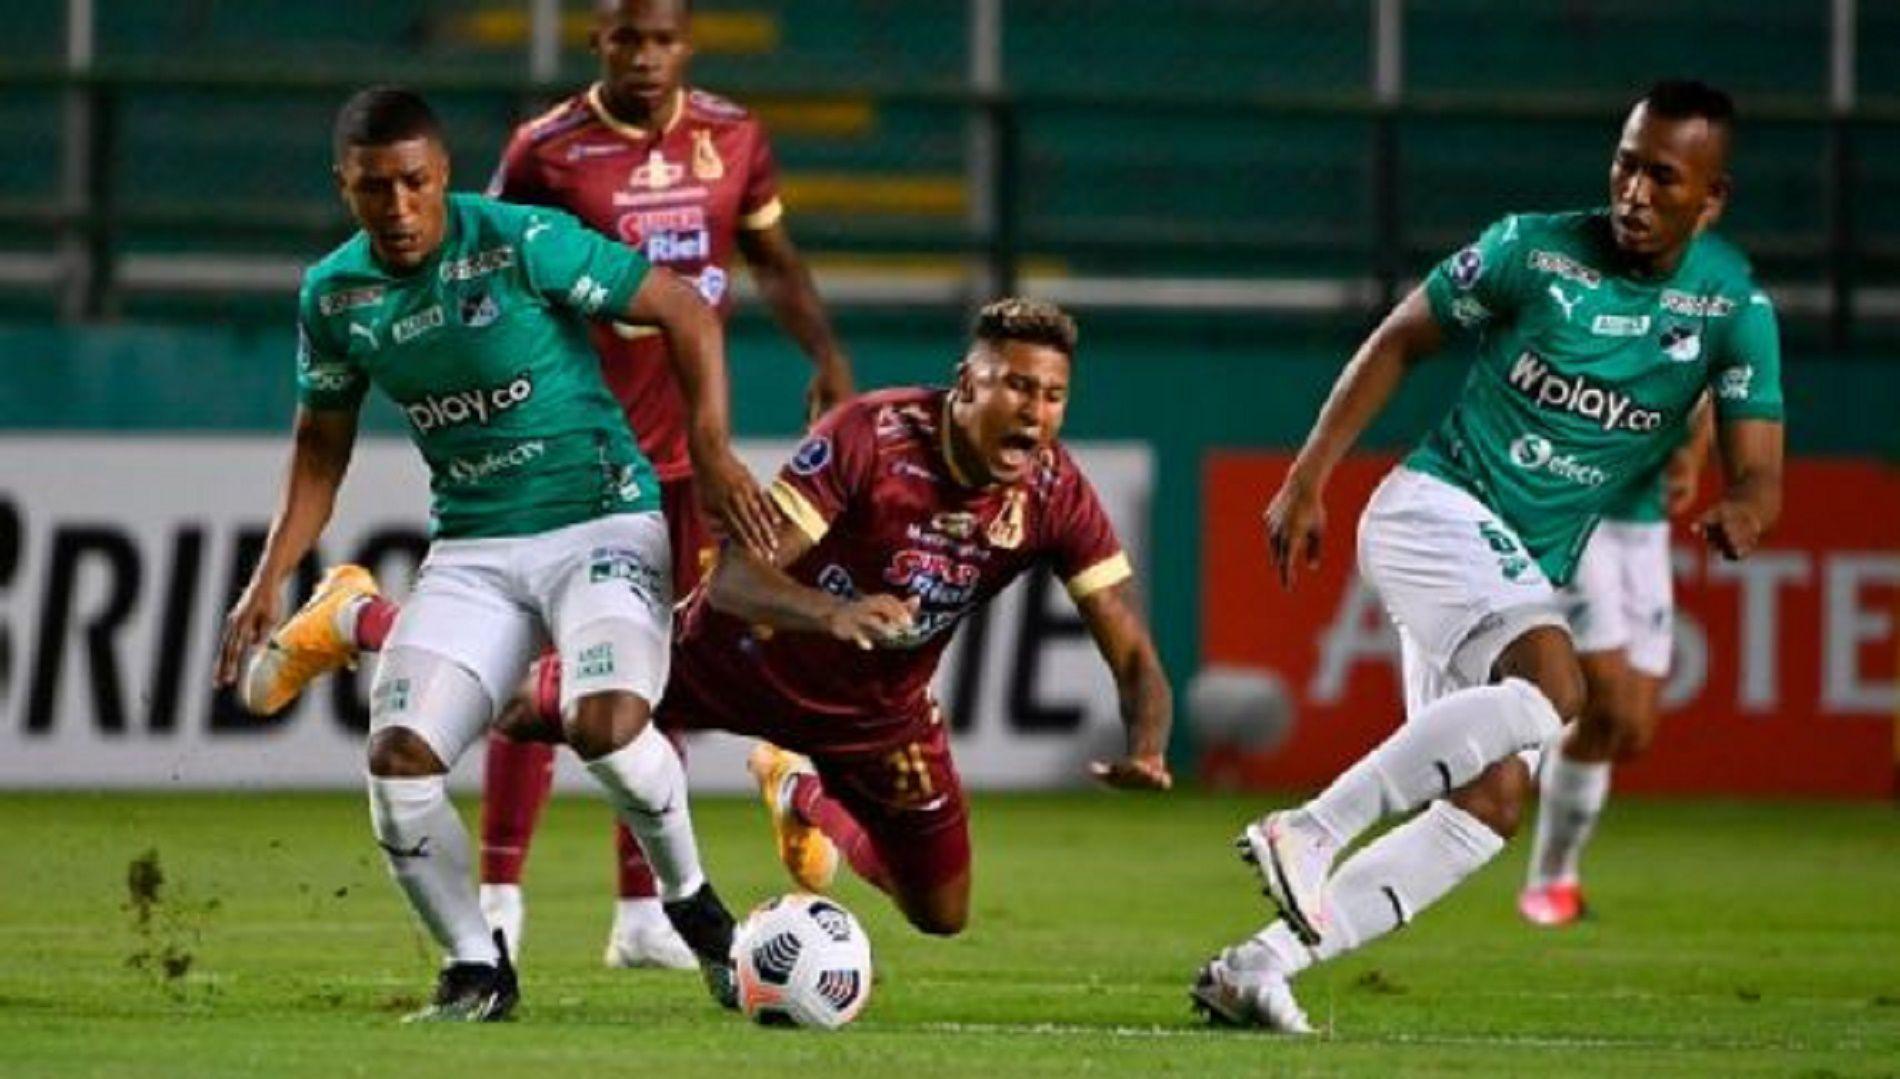 Acciones del encuentro por la Copa Sudamericana entre Deportivo Cali y Deportes Tolima, que ganó éste último por global de 3-0